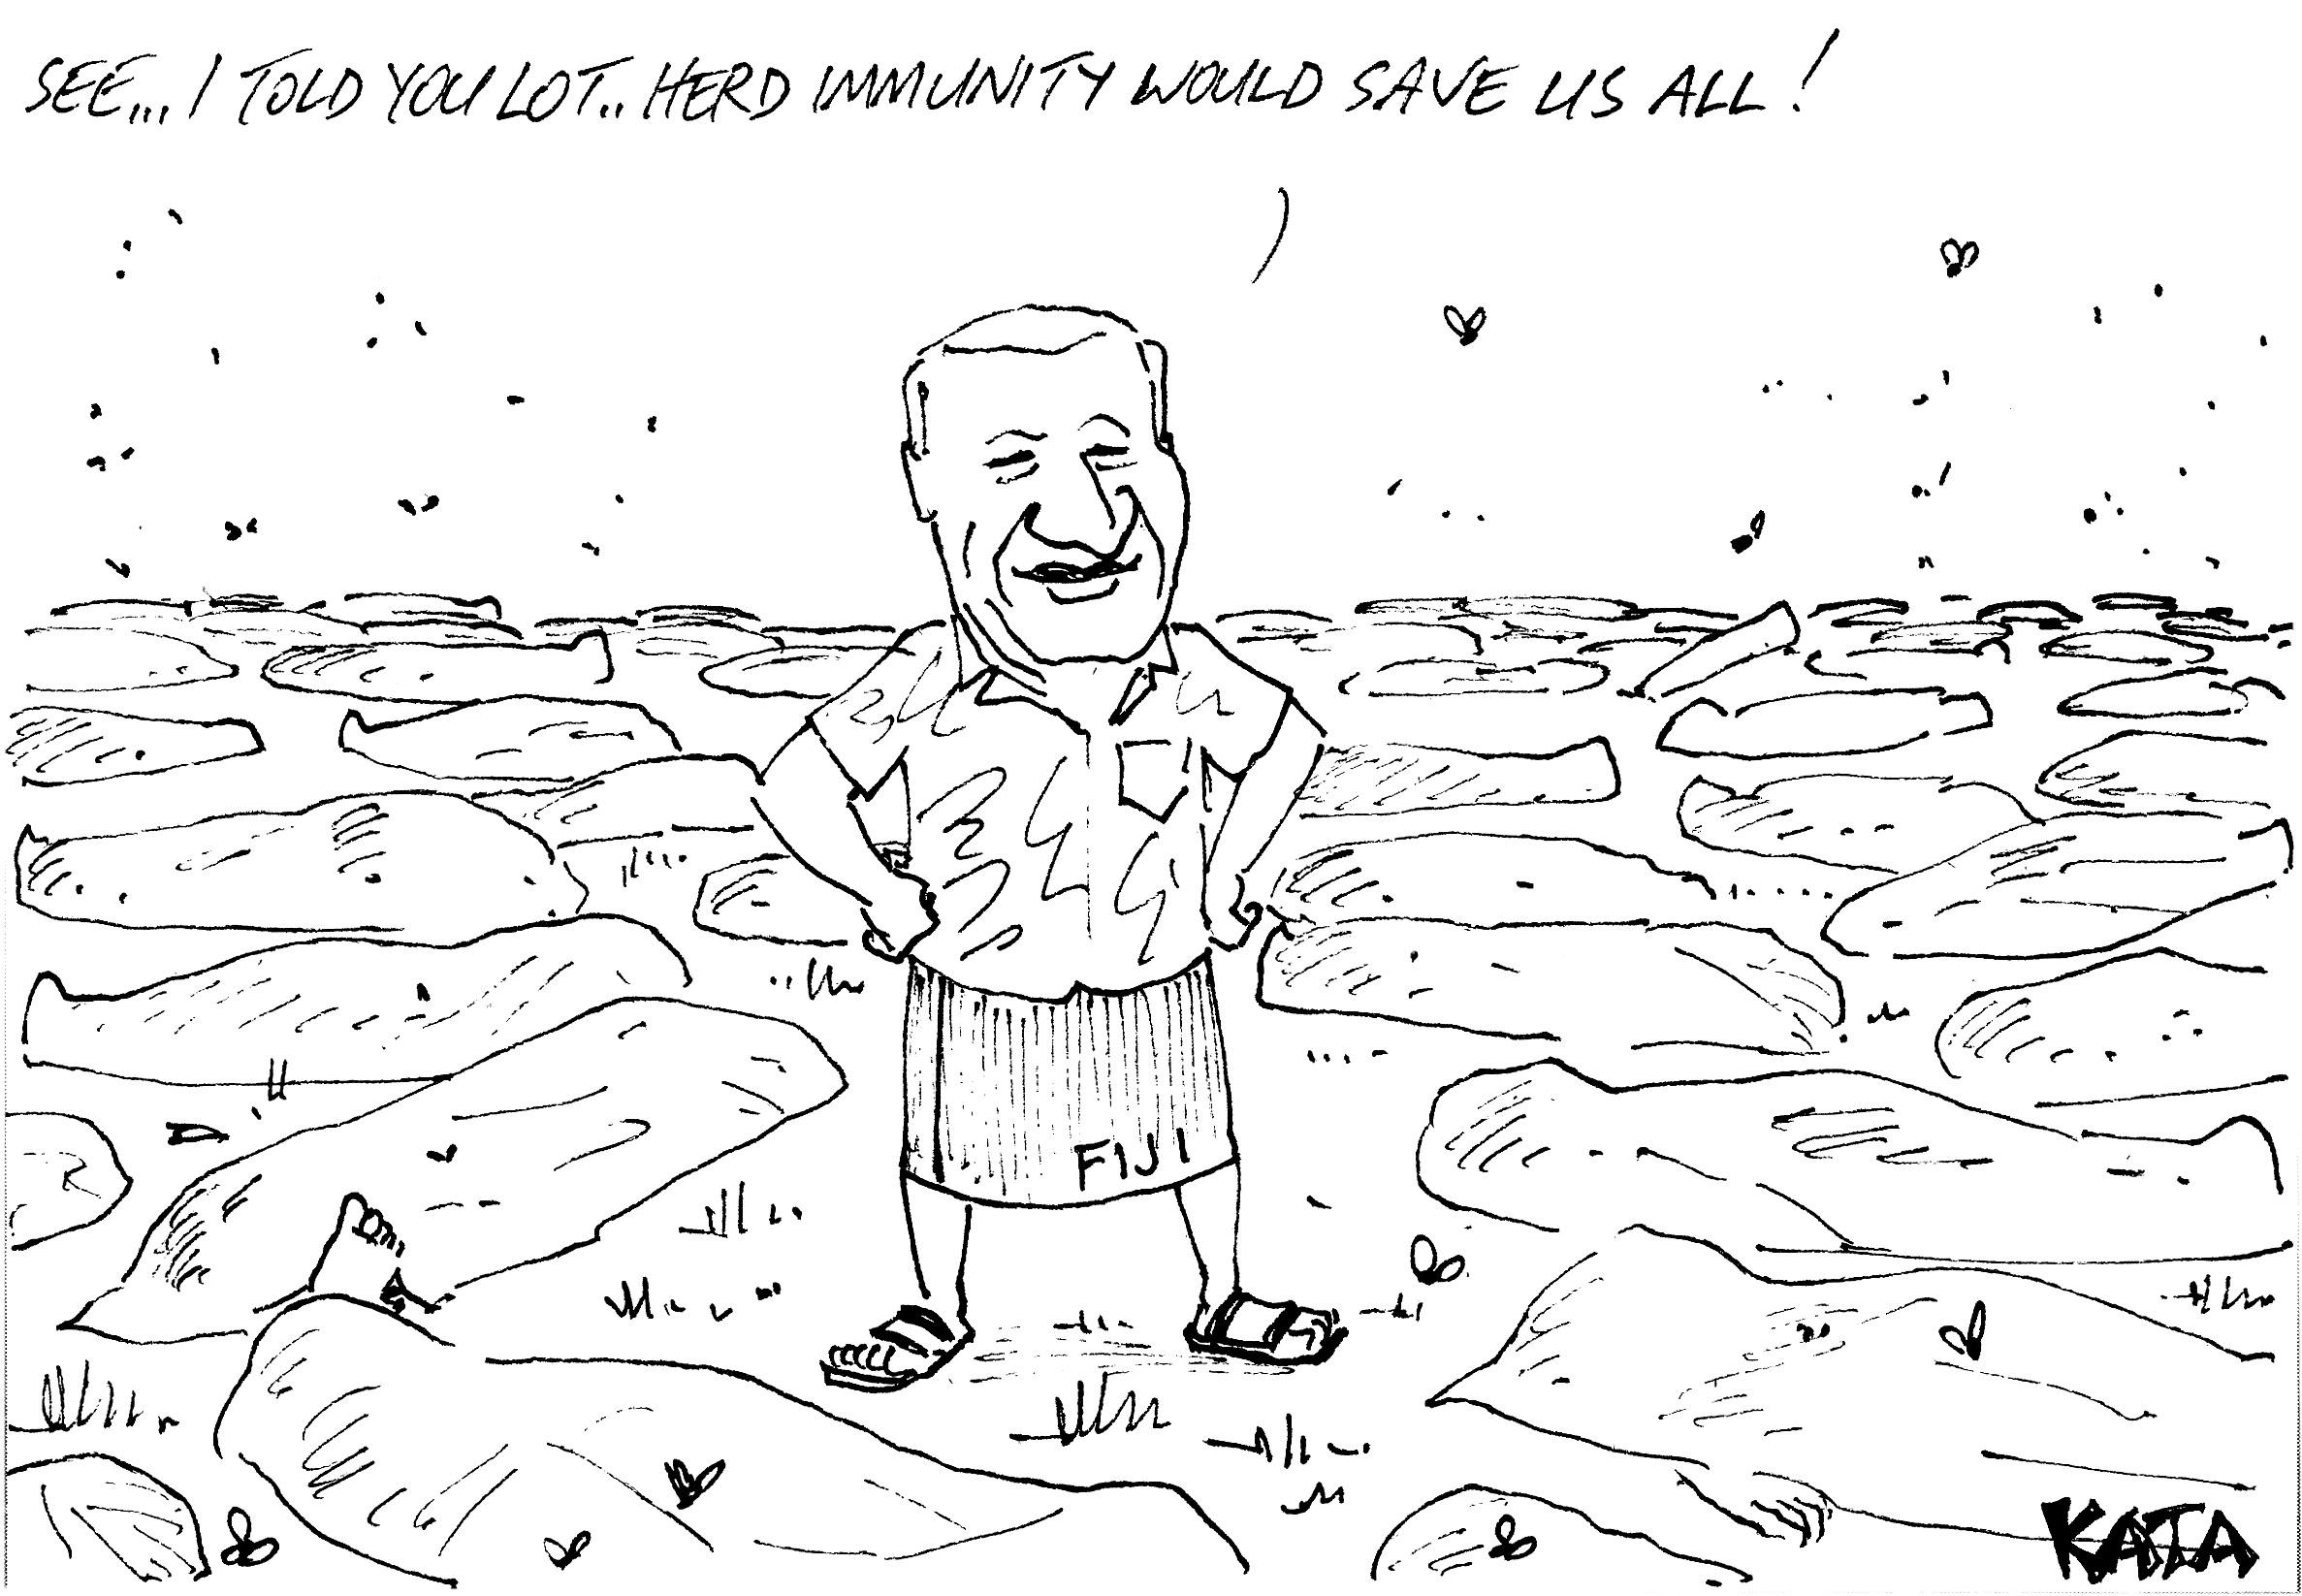 KATA: Herd immunity